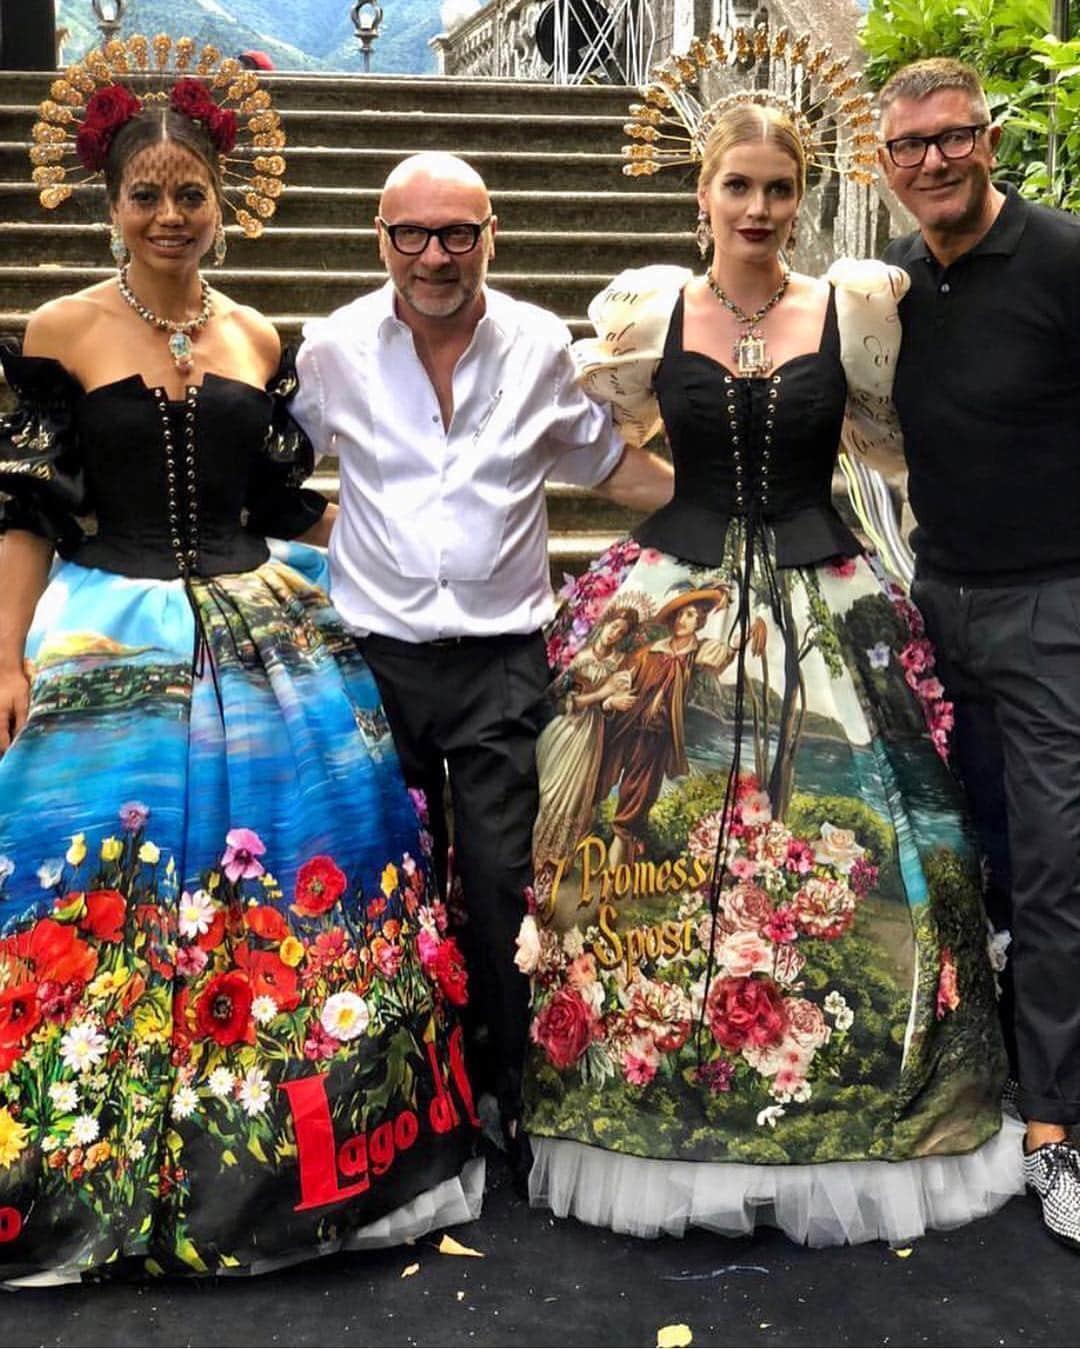 Dolce Gabbana Alta Moda Como - Runway Magazine. Courtesy: Stefano Gabbana